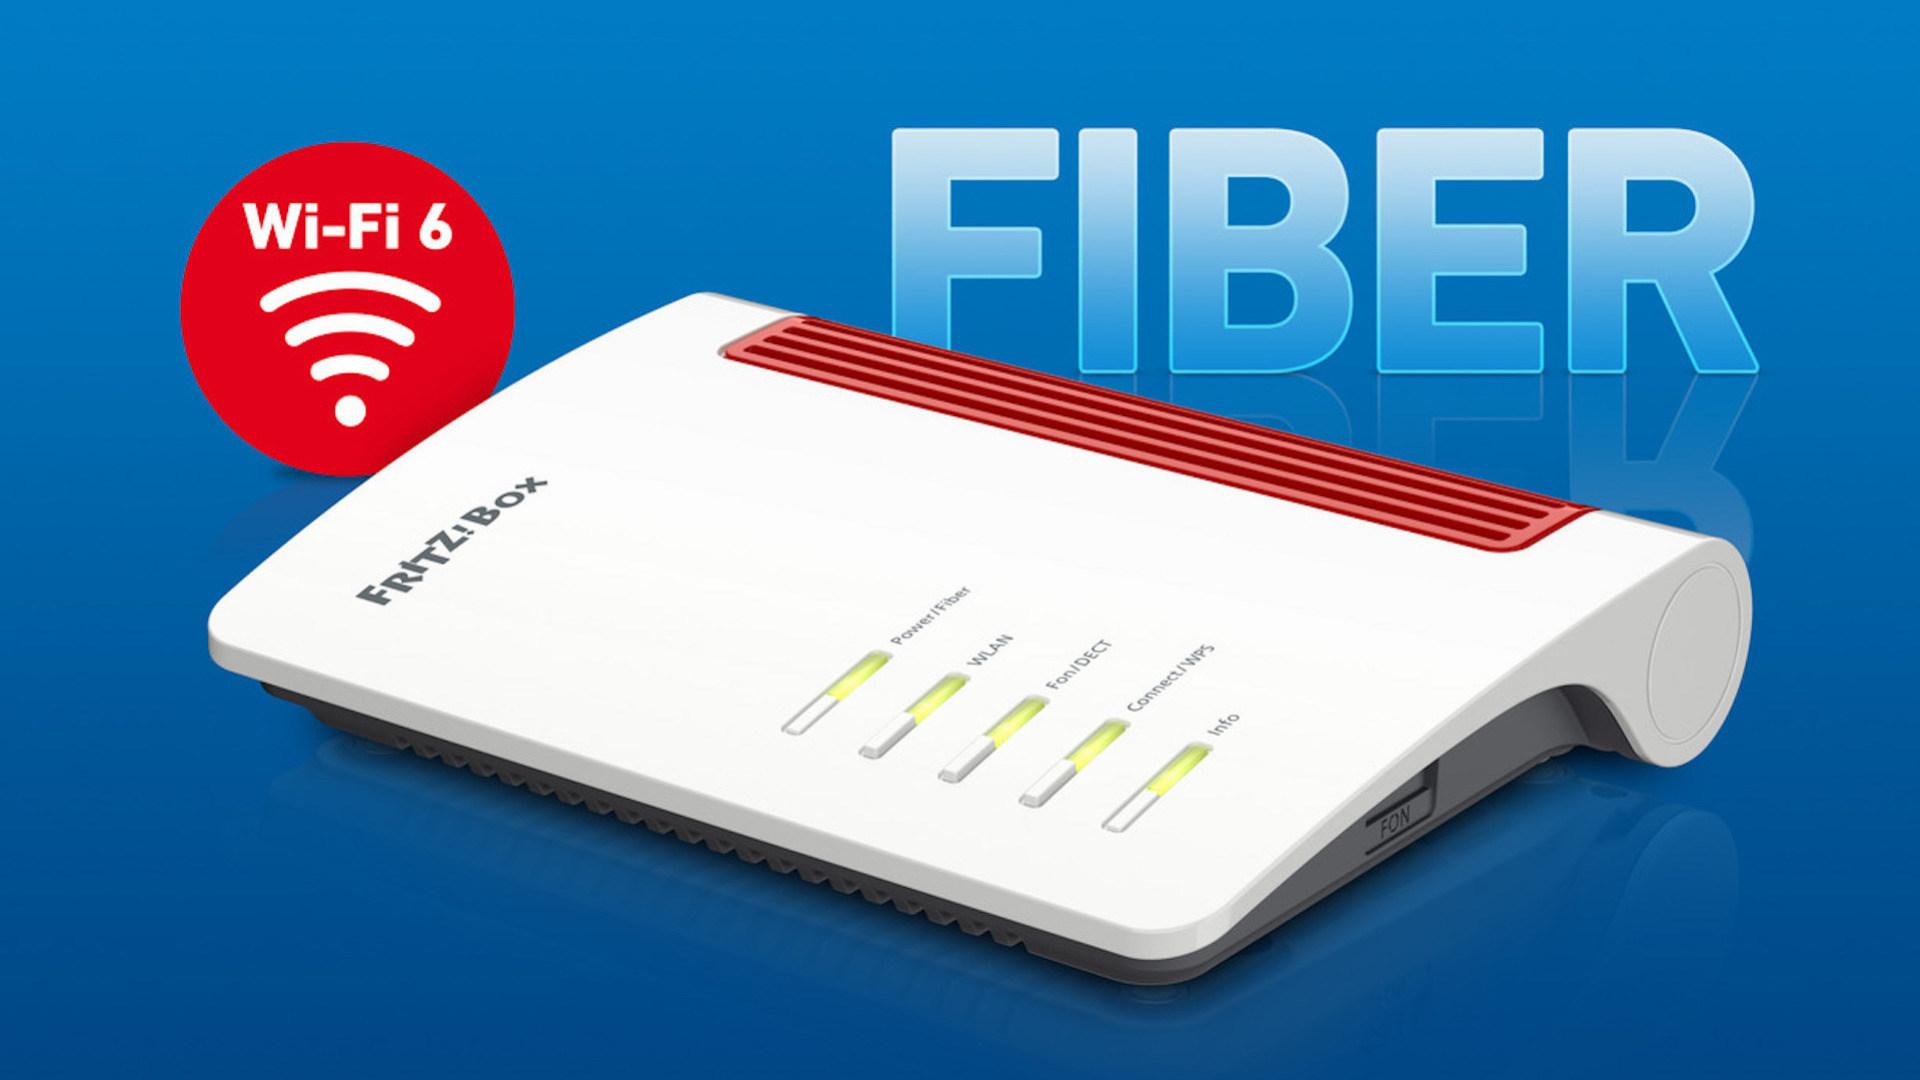 Router, Avm, Fritzbox 5530 Fiber, FritzBox 5530